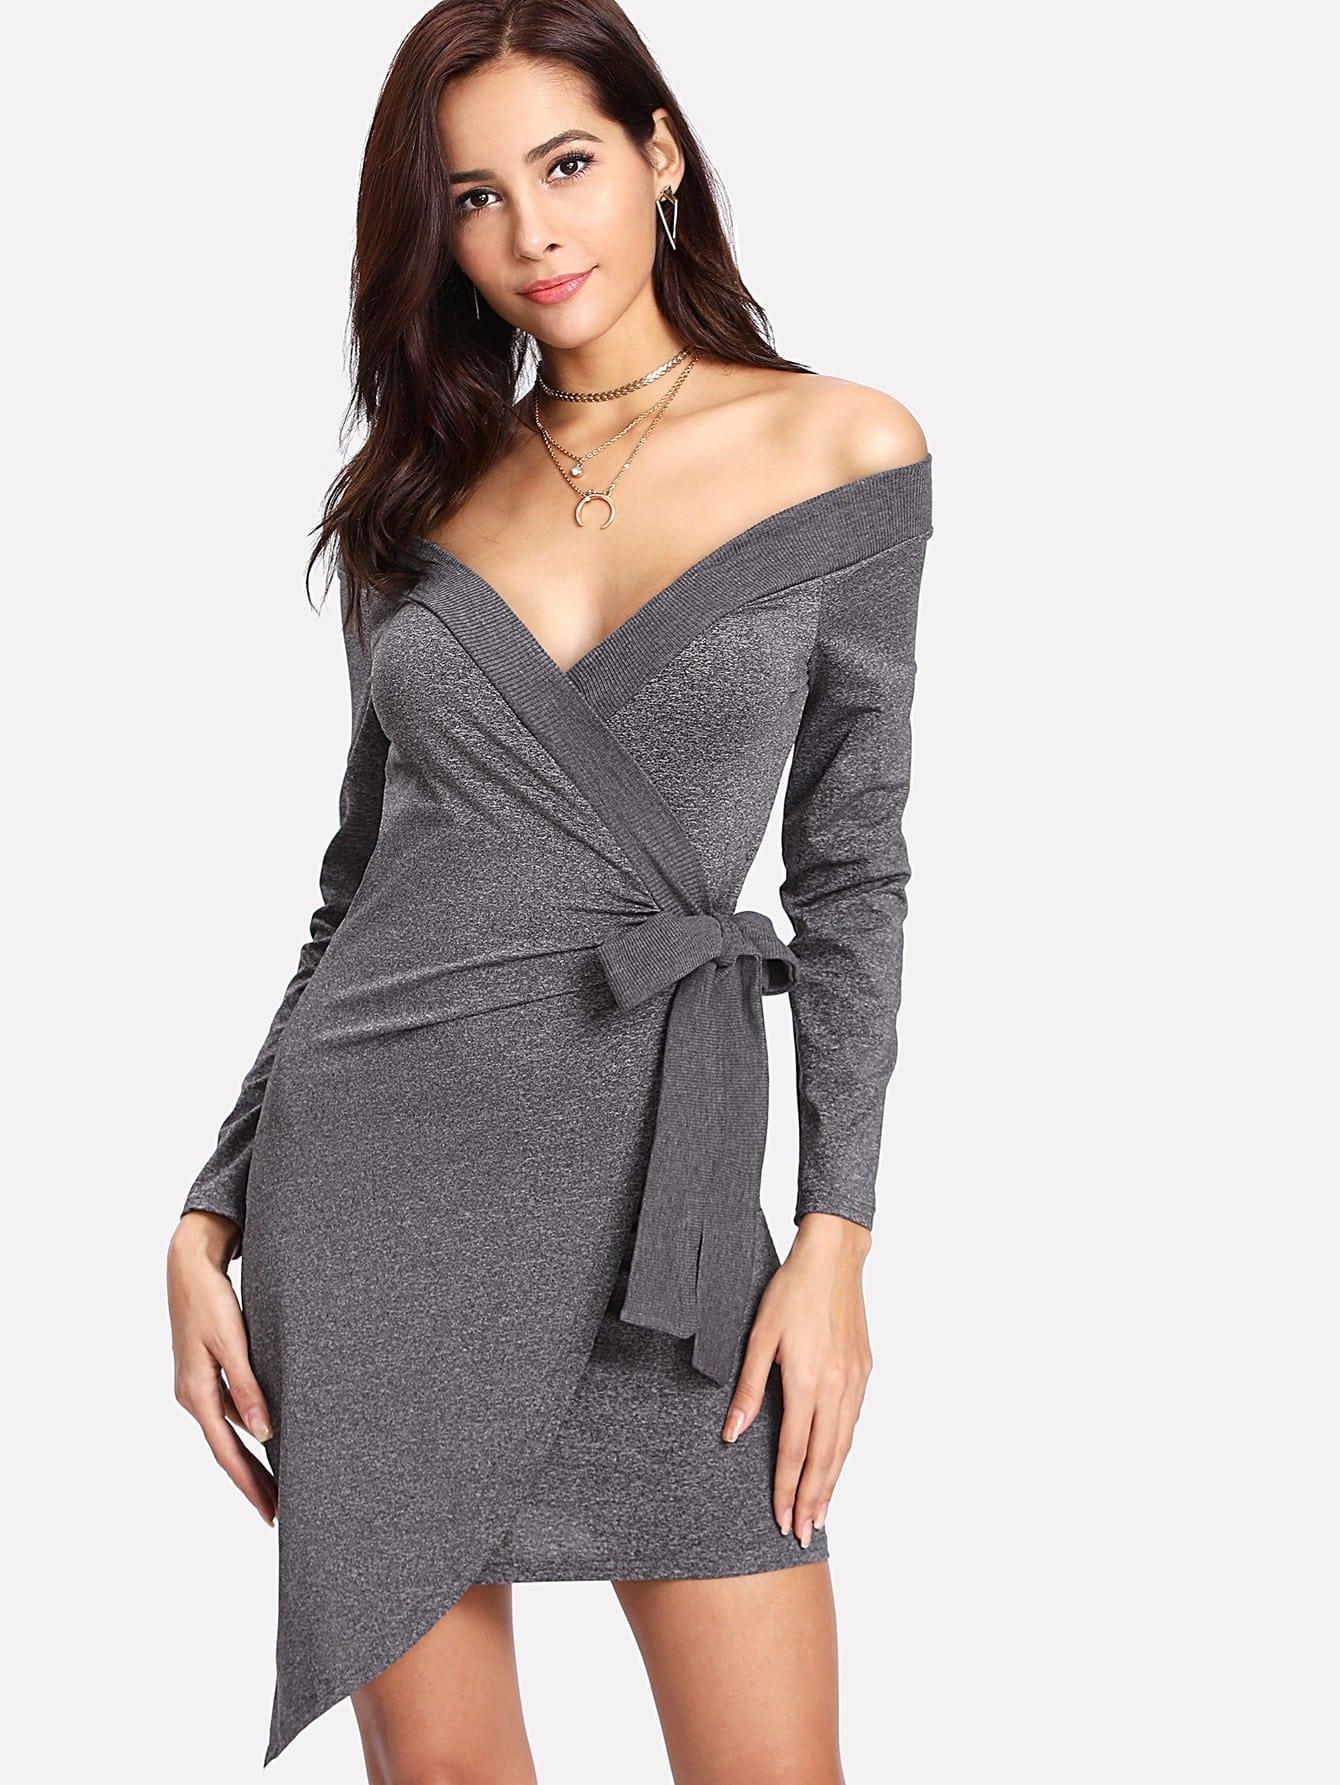 Off Shoulder Asymmetrical Hem Knot Side Dress sweetheart off shoulder asymmetrical bodycon dress